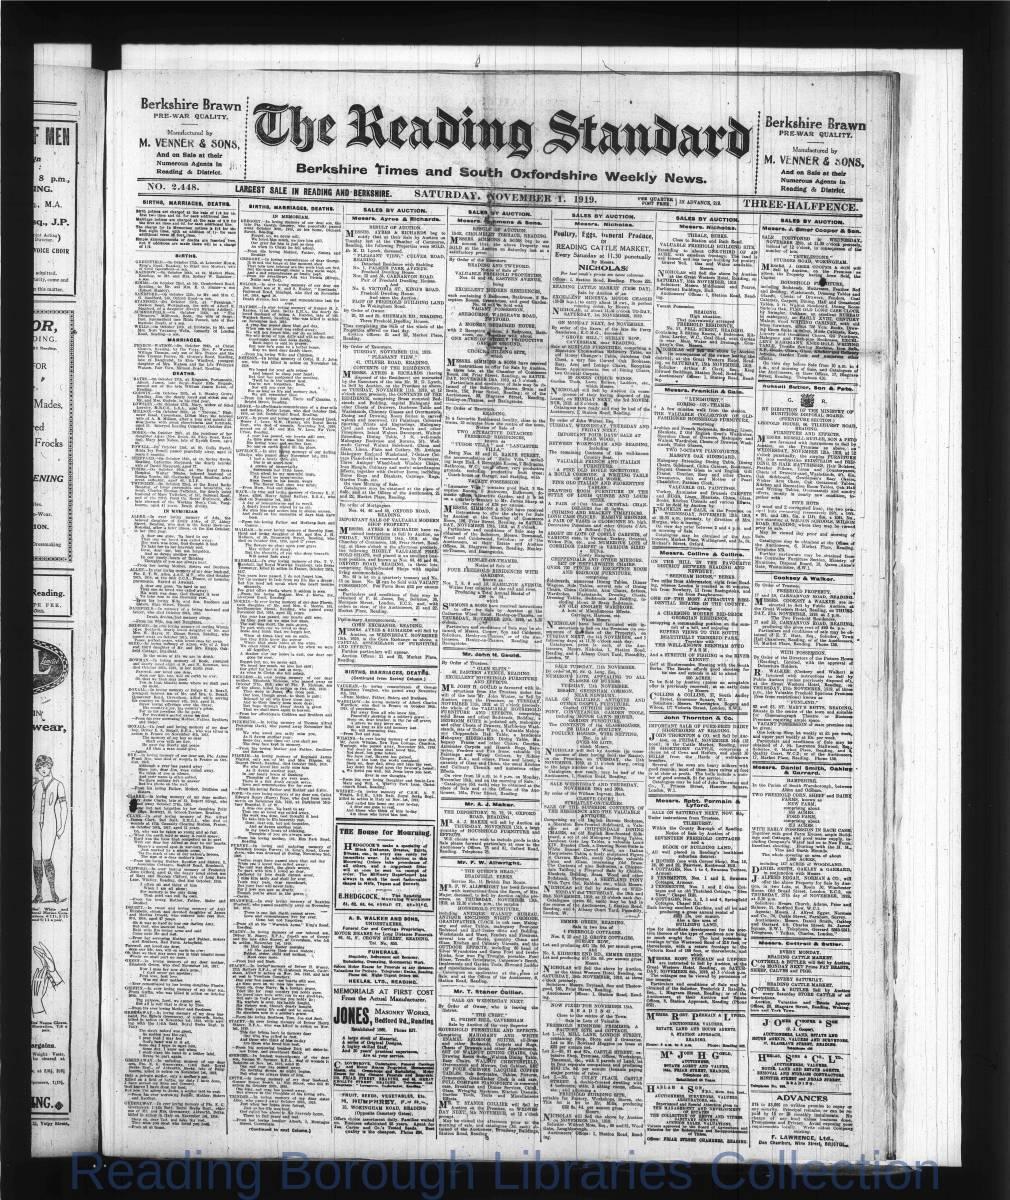 Reading Standard Etc_01-11-1919_00002.jpg